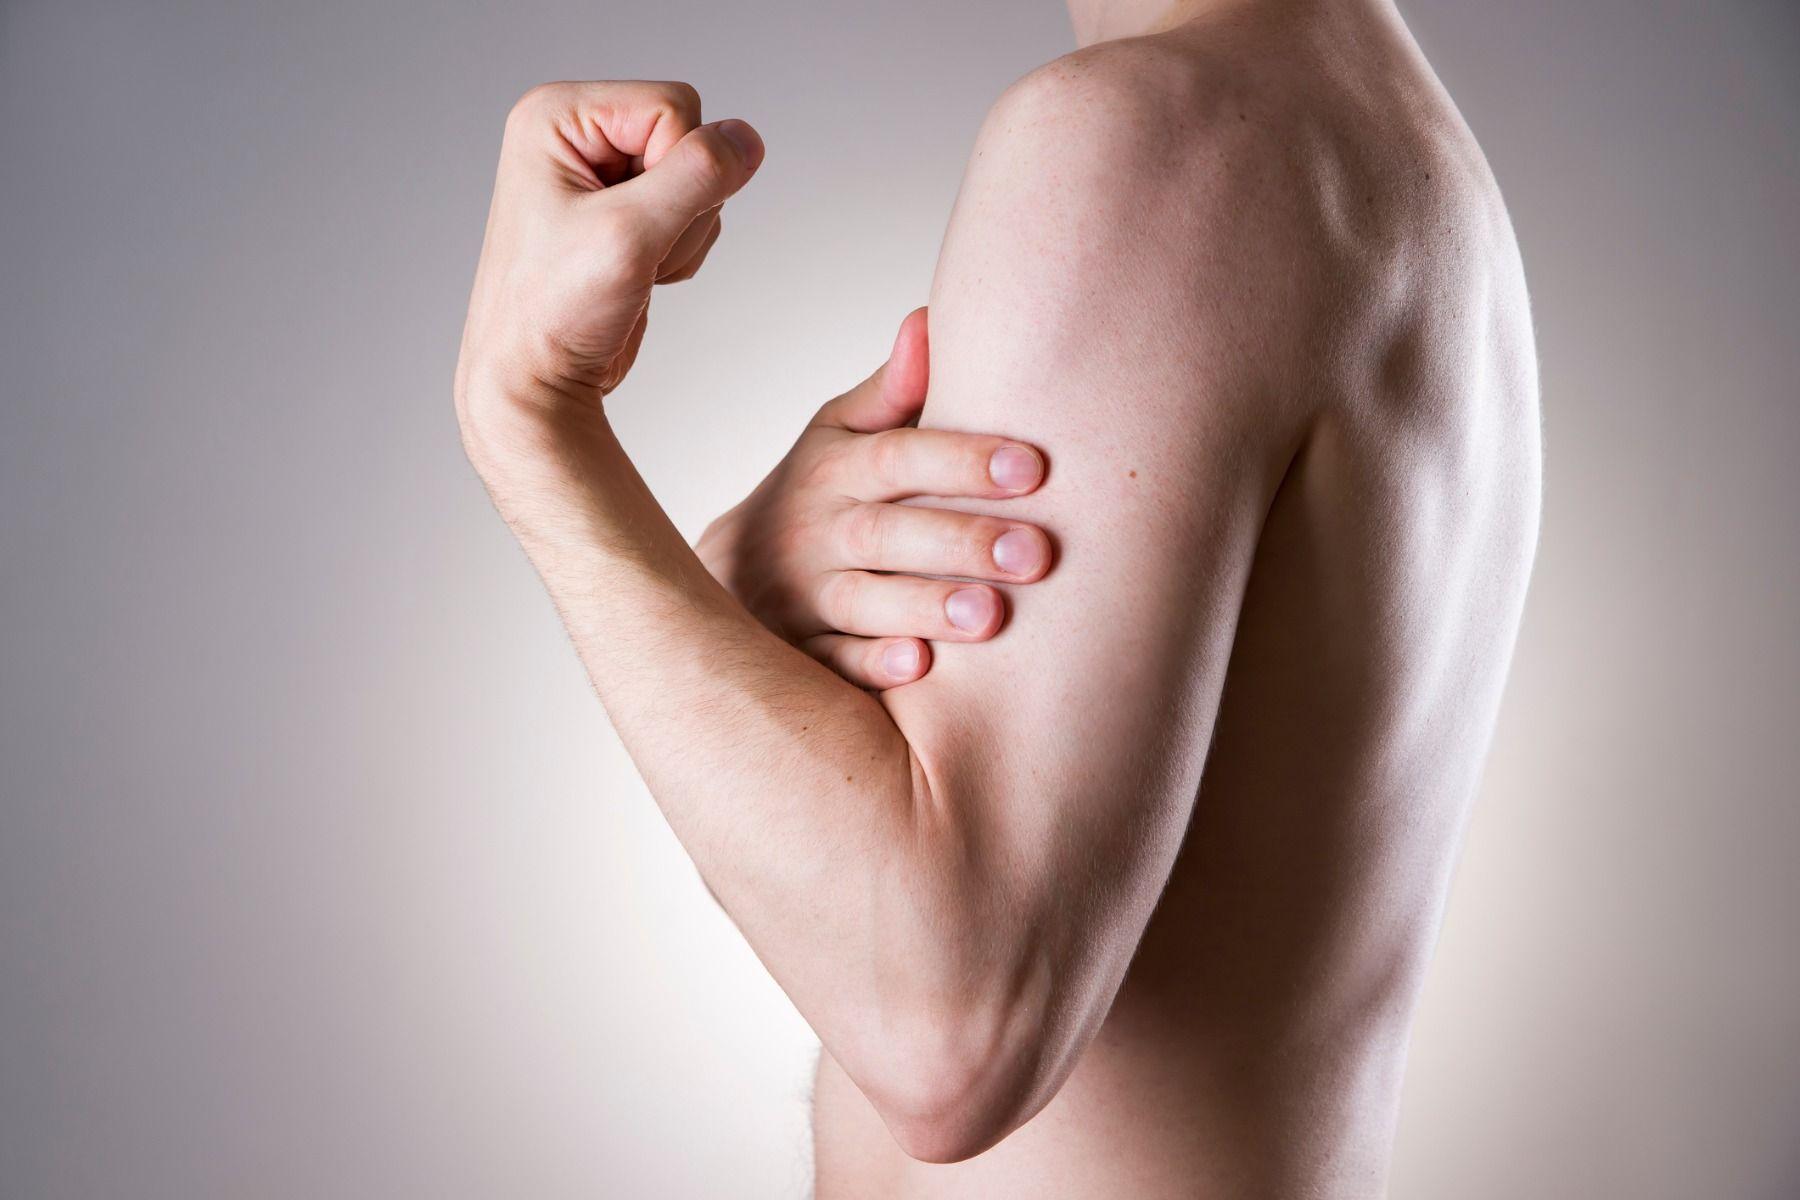 Симптомы низкого уровня тестостерона и как с ним бороться - GymBeam Blog